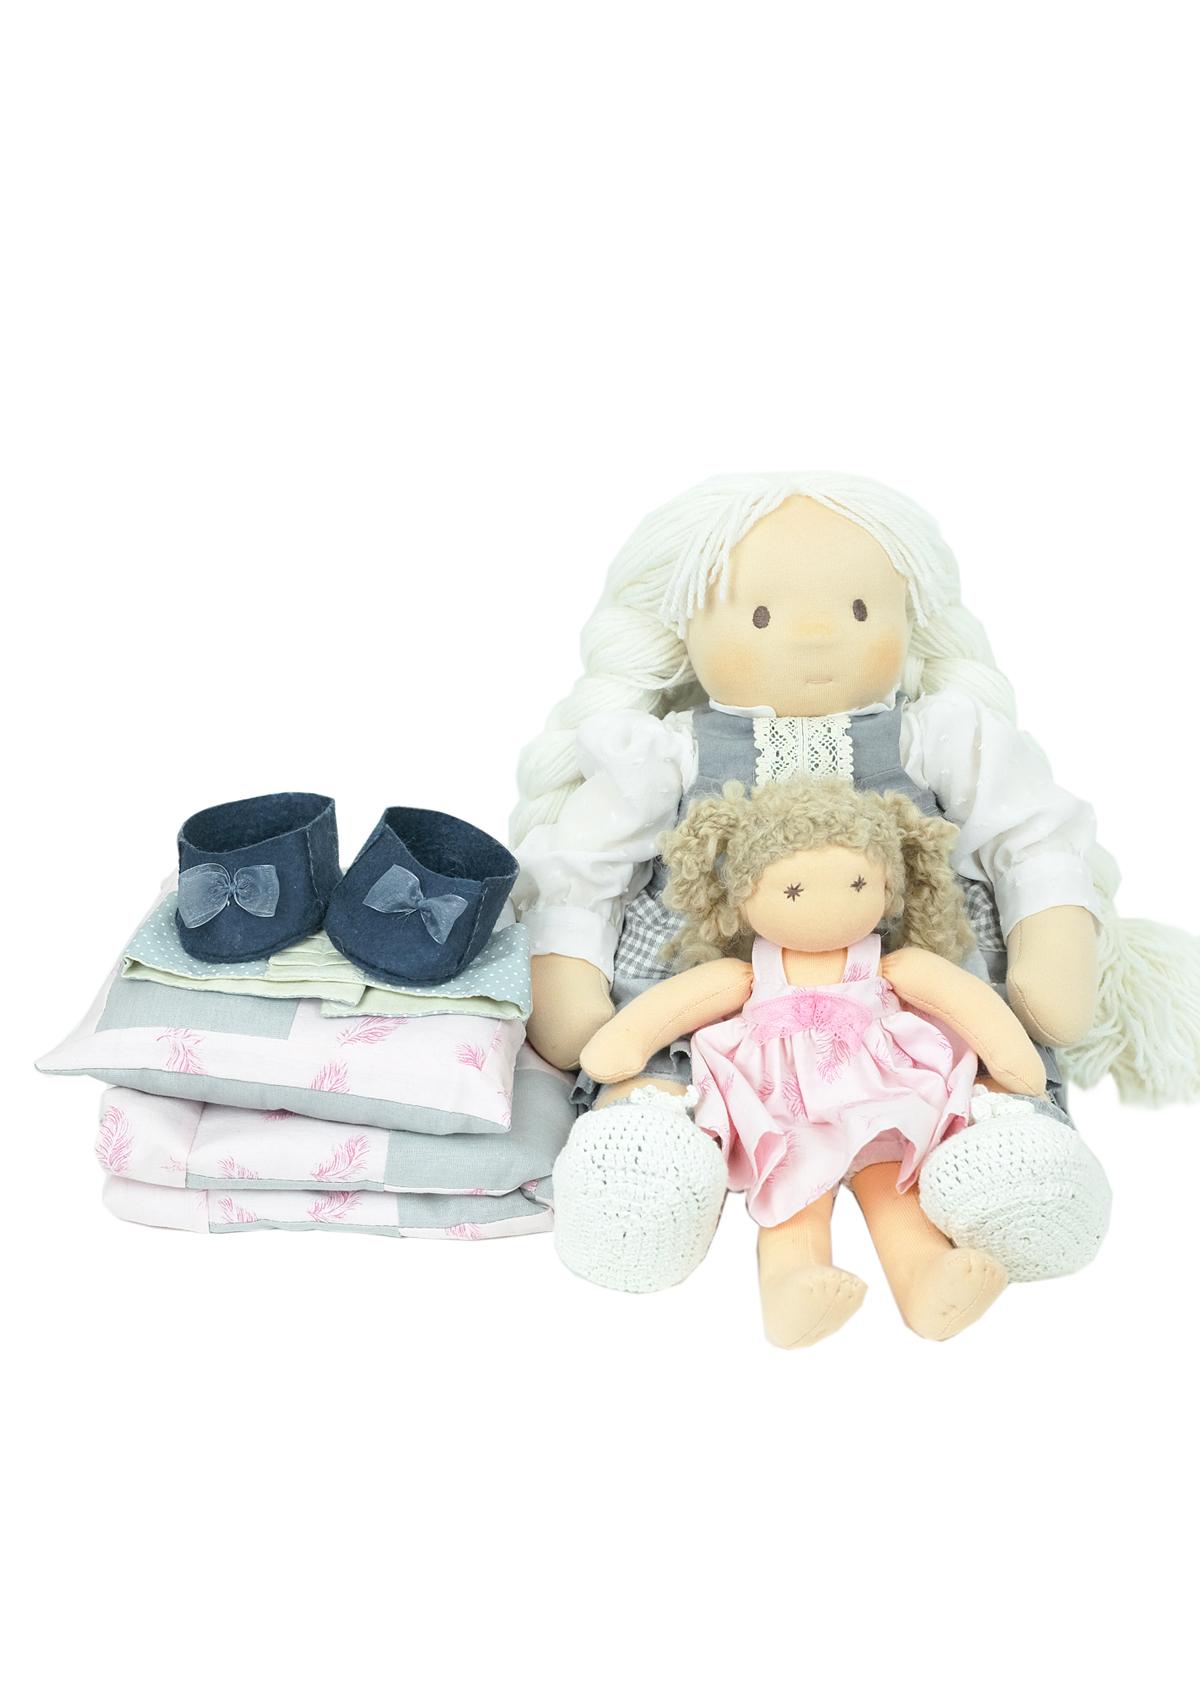 Купить 2299855, Кукла Carolon, белый, Женский, 7114500170248